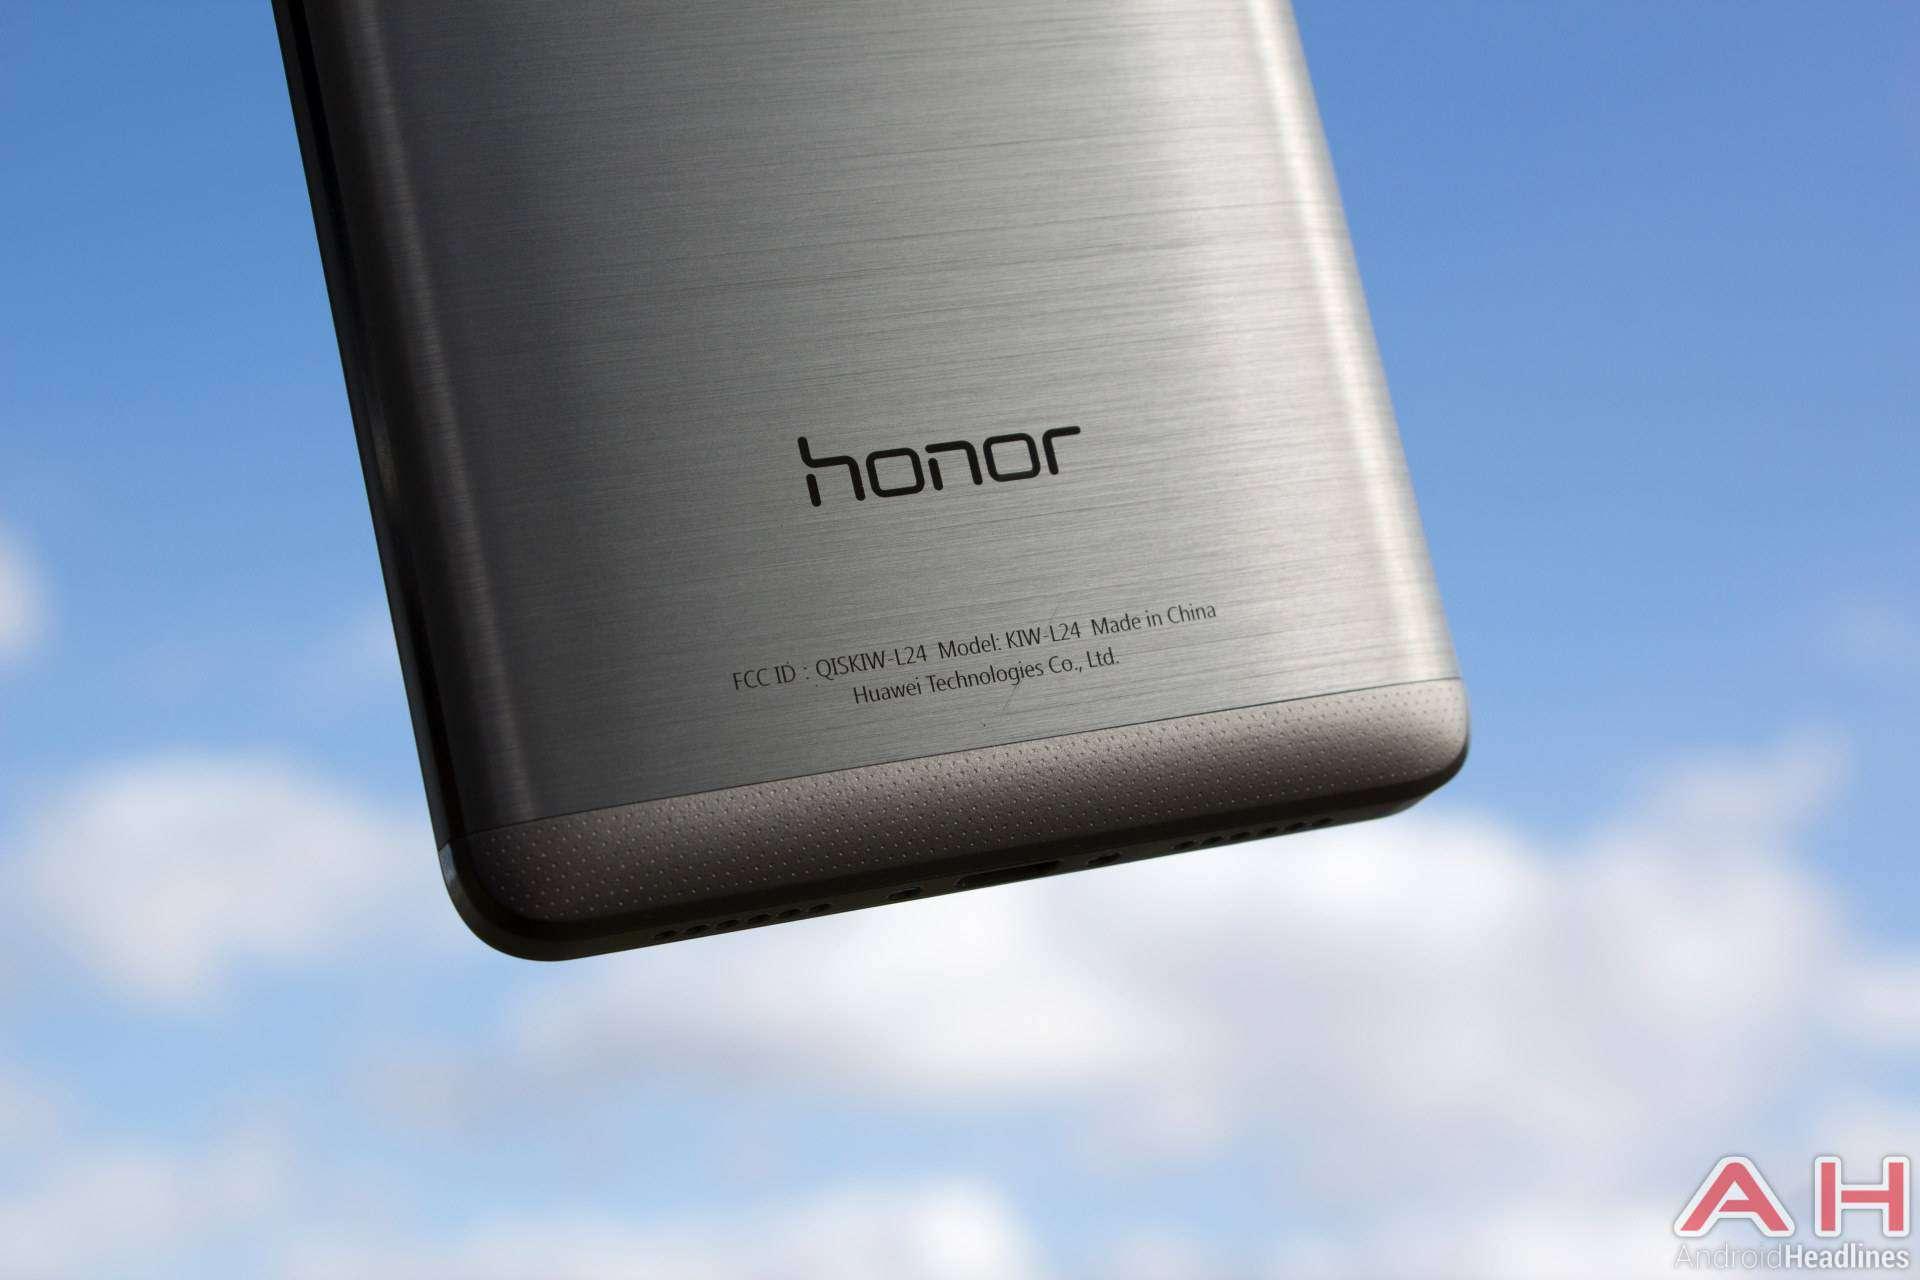 Huawei-Honor-5x-AH-NS-logo-1